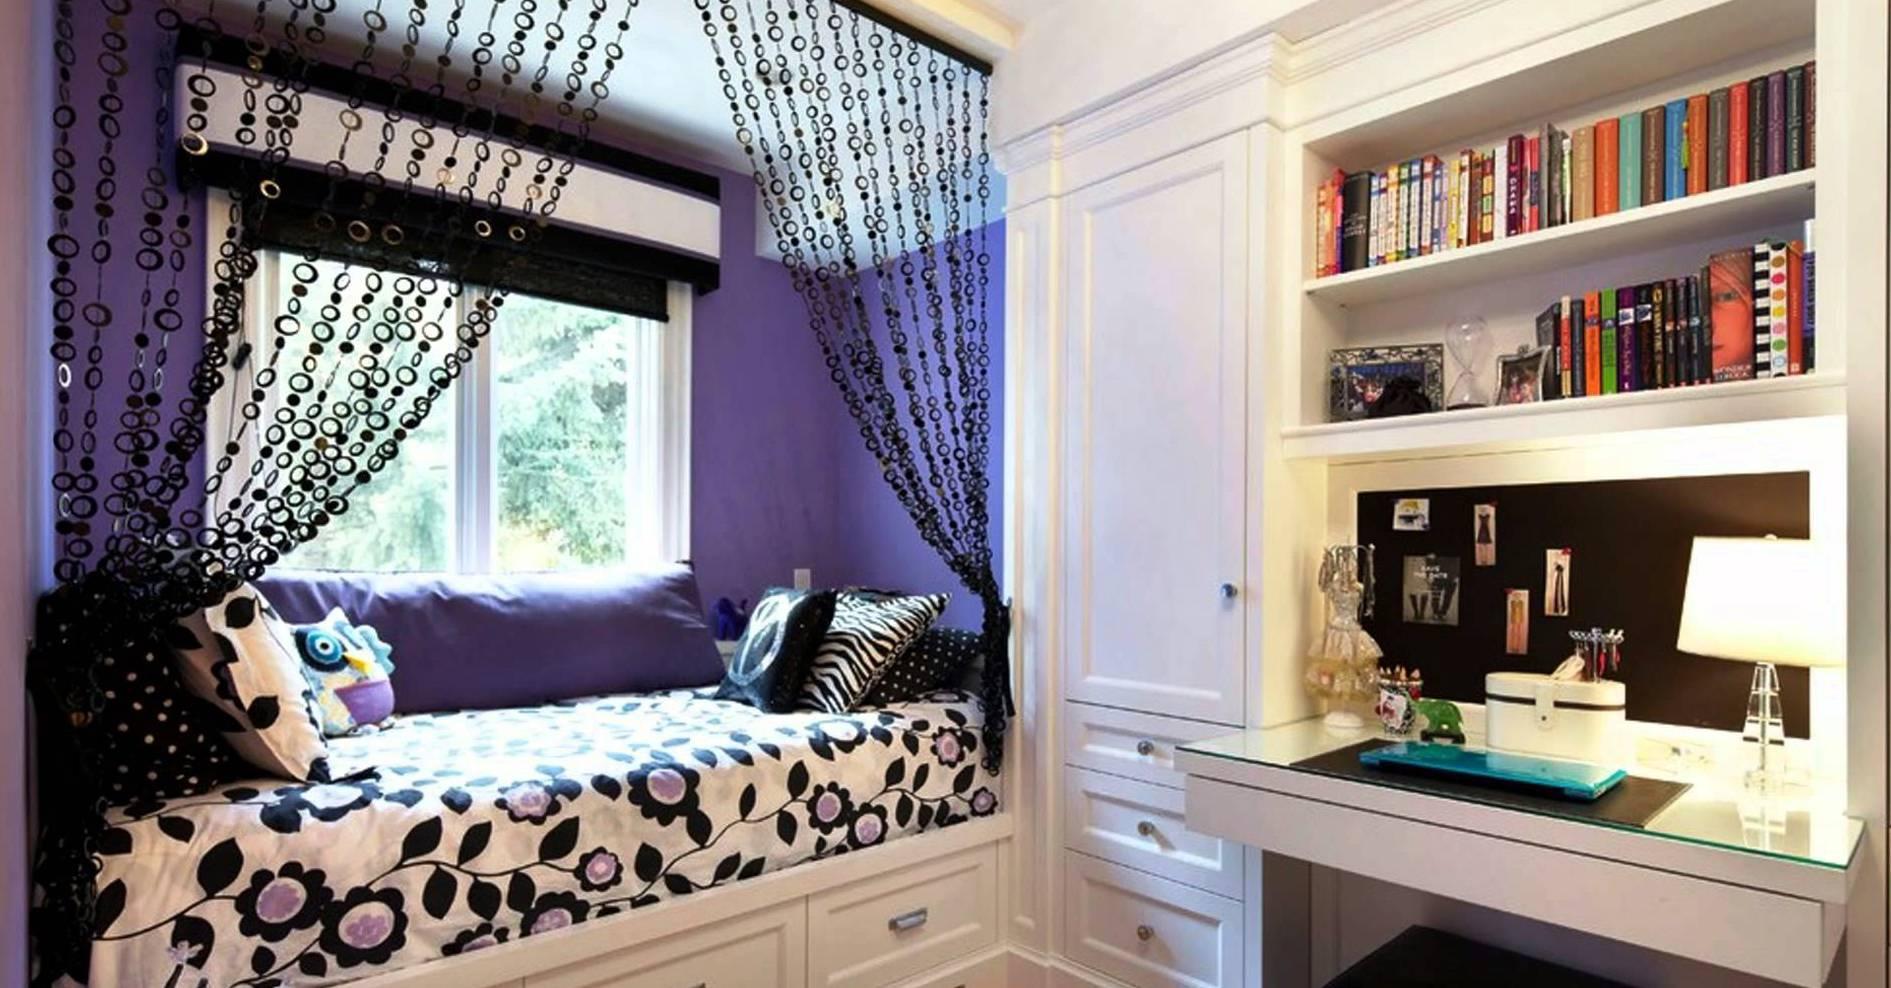 coole deko ideen und farbgestaltung fürs schlafzimmer - freshouse, Schlafzimmer entwurf